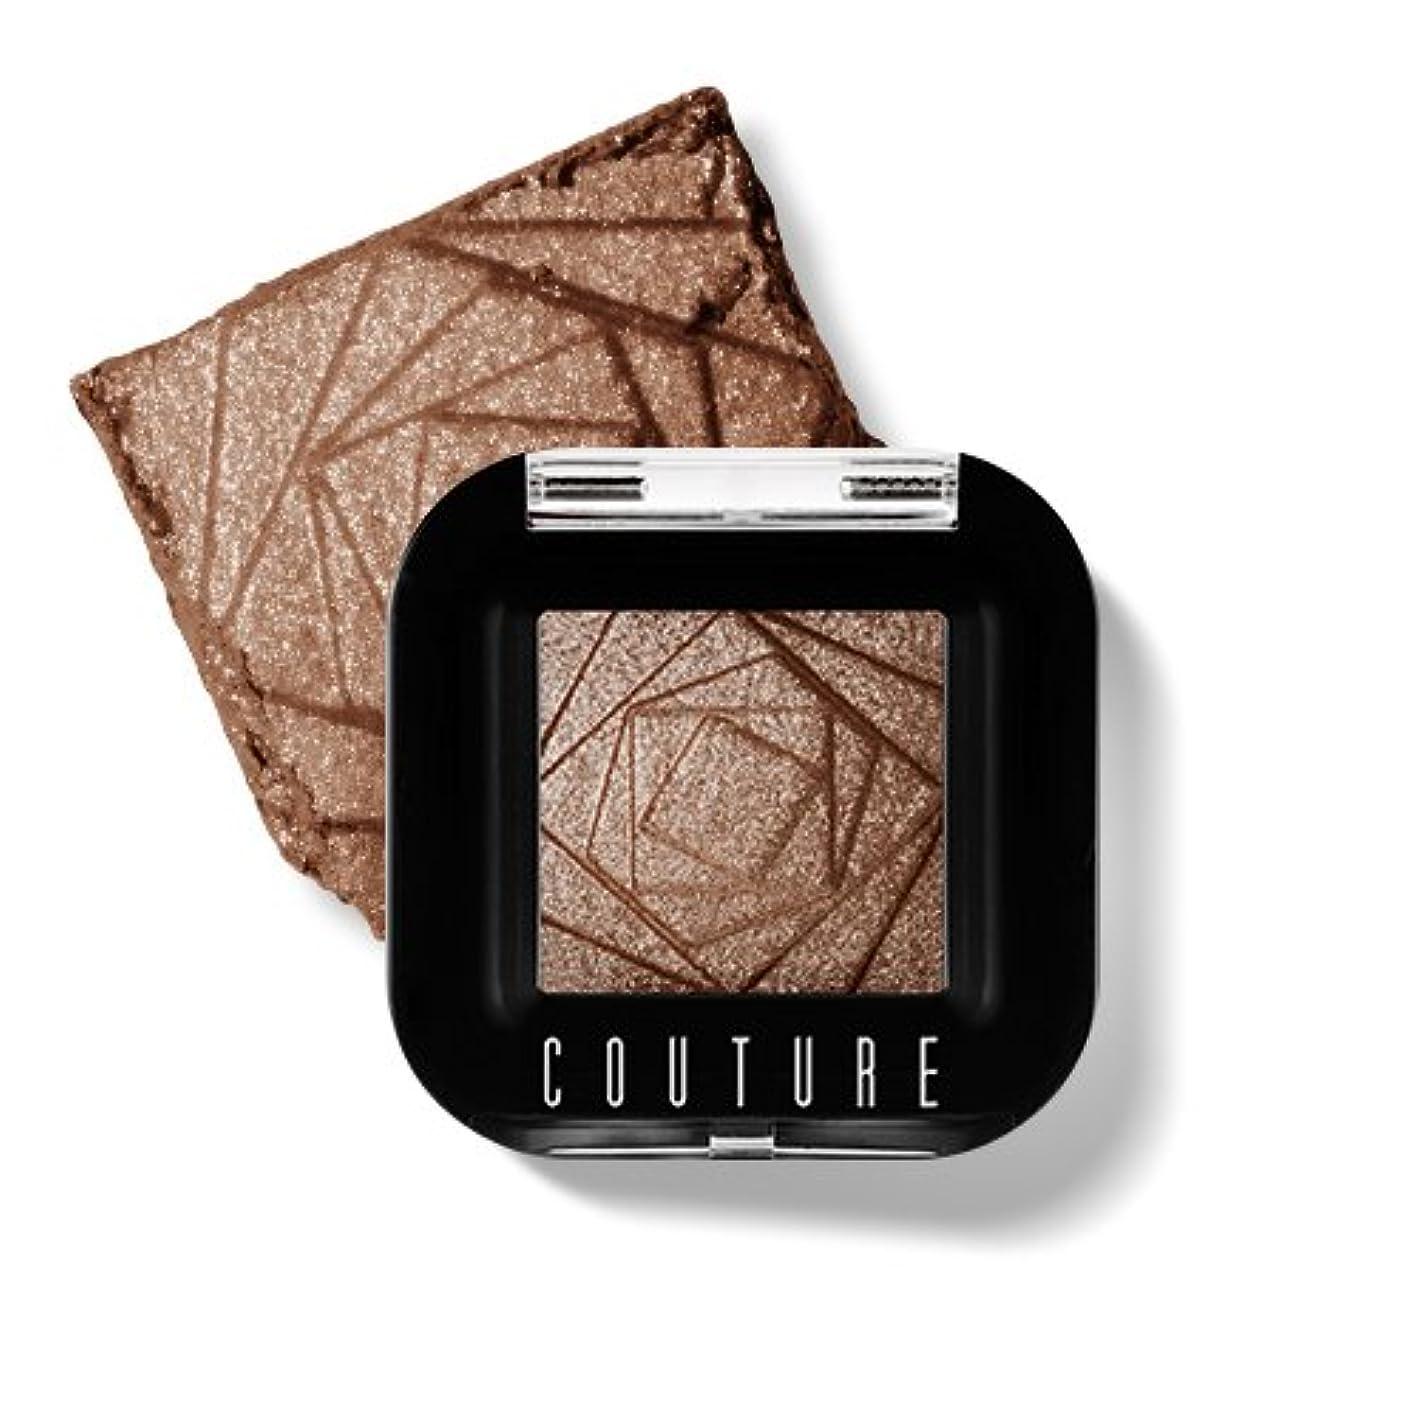 ジョットディボンドンシャープ広範囲にAPIEU Couture Shadow (# 10) /アピュ/オピュ クチュールシャドウ [並行輸入品]